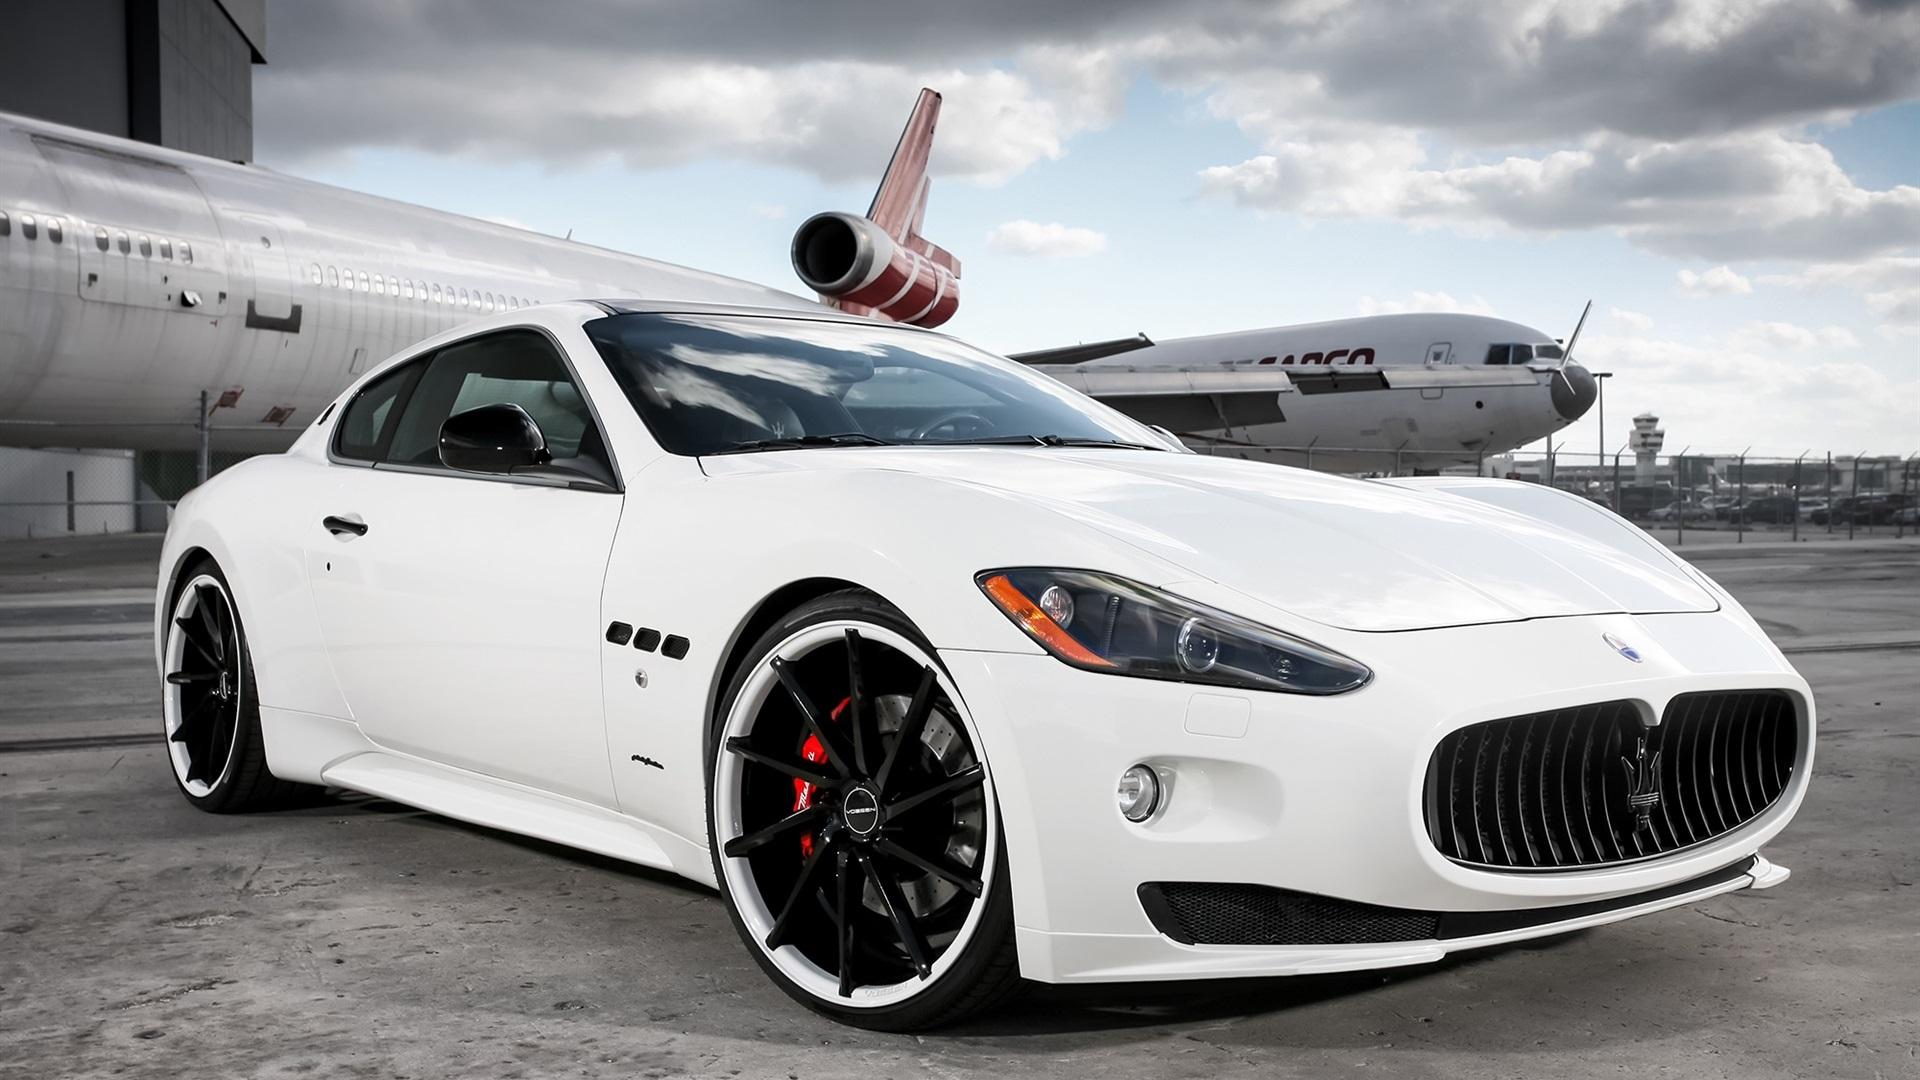 Maserati Sports Car Hd Wallpaper